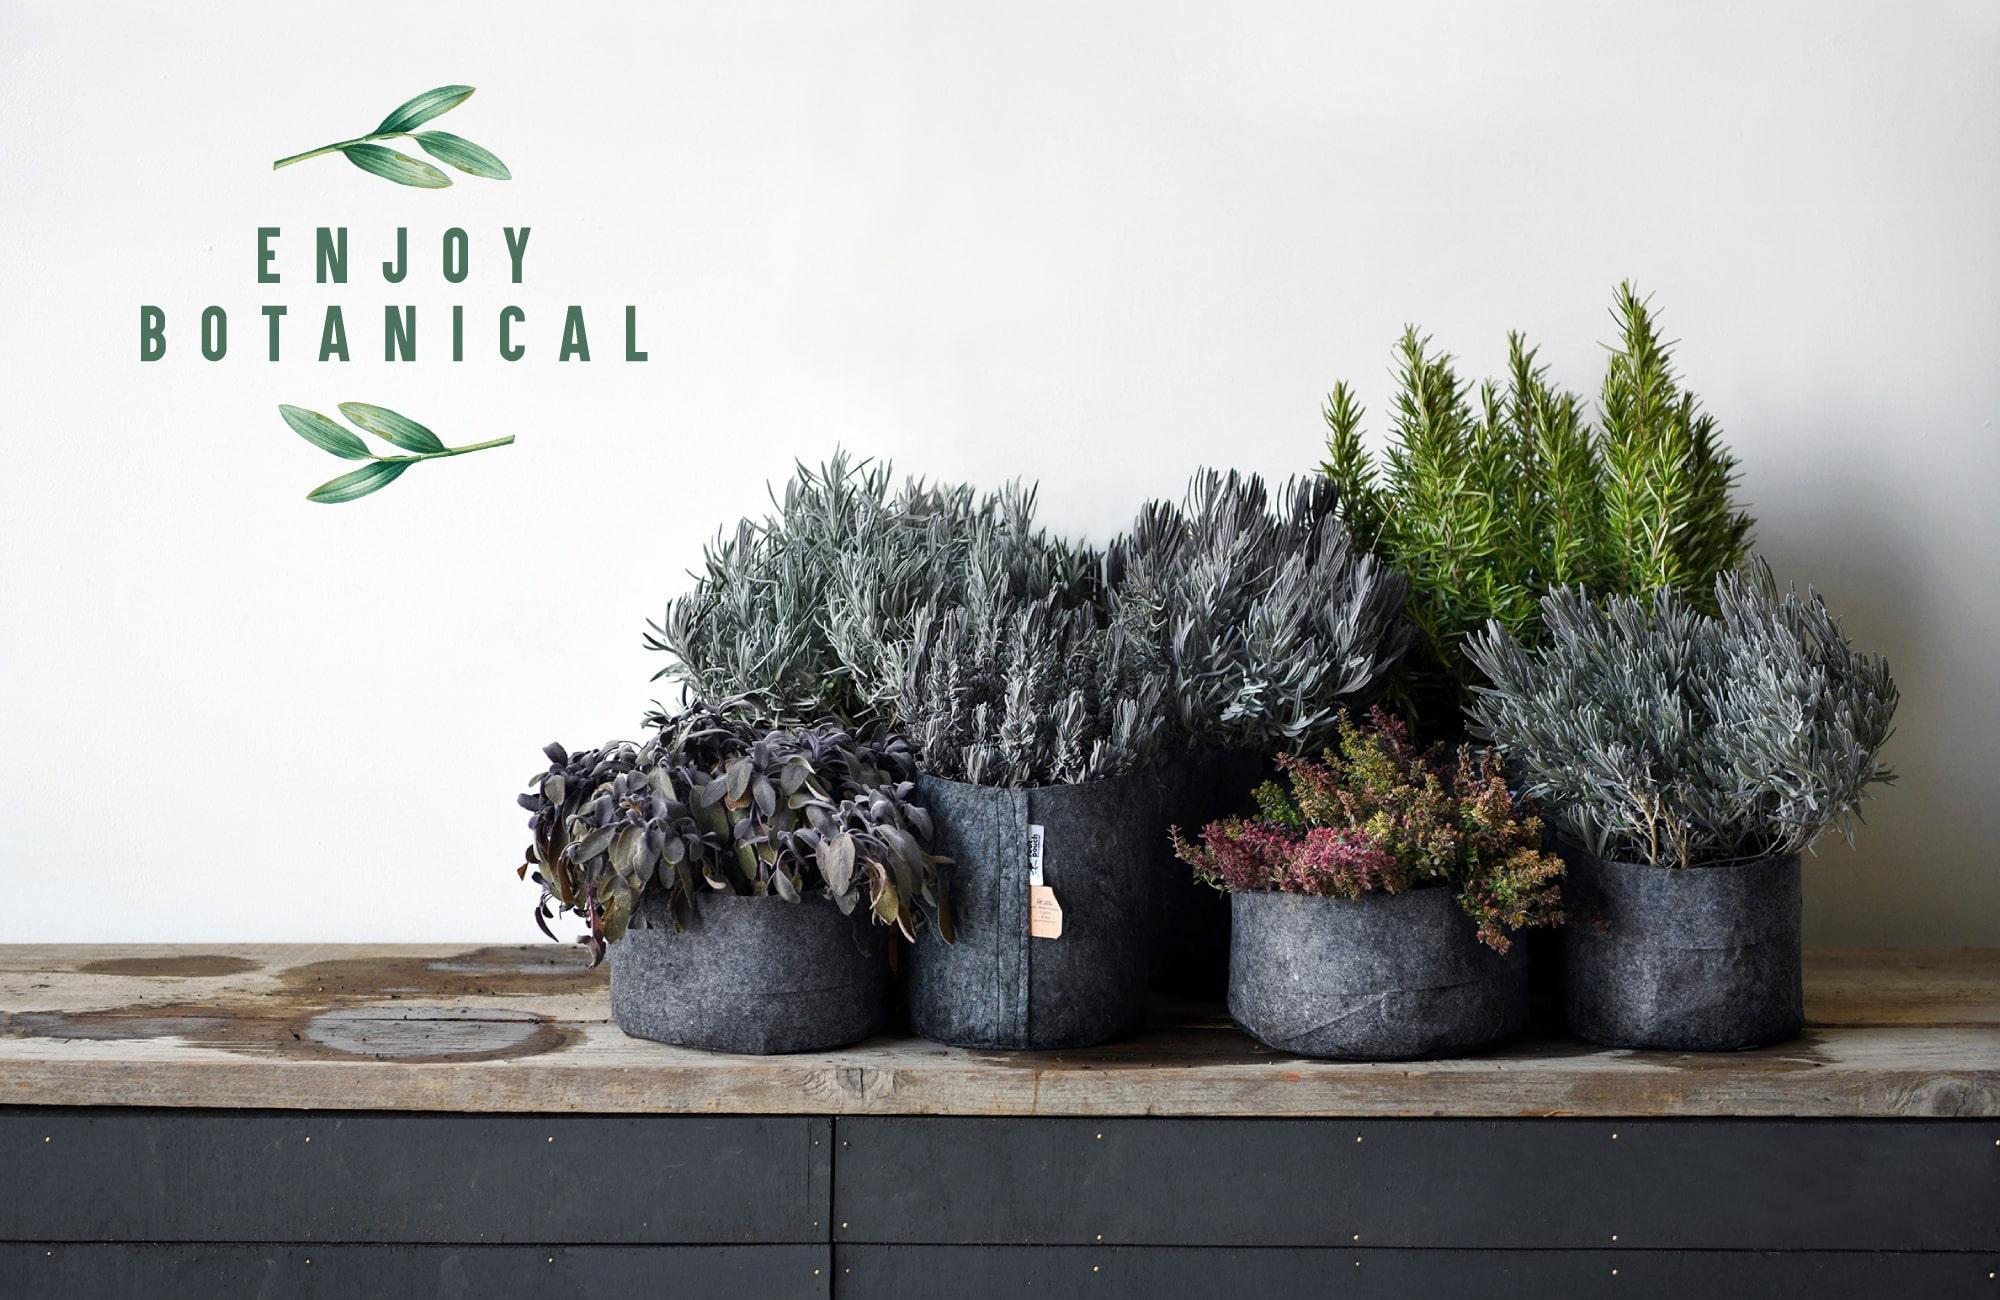 家で過ごす時間が増えたことによって、植物を育てる人たちが増えています。部屋に植物を飾る人、ハーブや野菜を育てて料理に使う人、ガーデンを作って家族や近所の人達に褒められる人。植物は人々をハッピーにしてくれます。そんなボタニカルライフを身近に提案できるようにクリエイティブでオリジナリティーあふれるブランドをご紹介します。